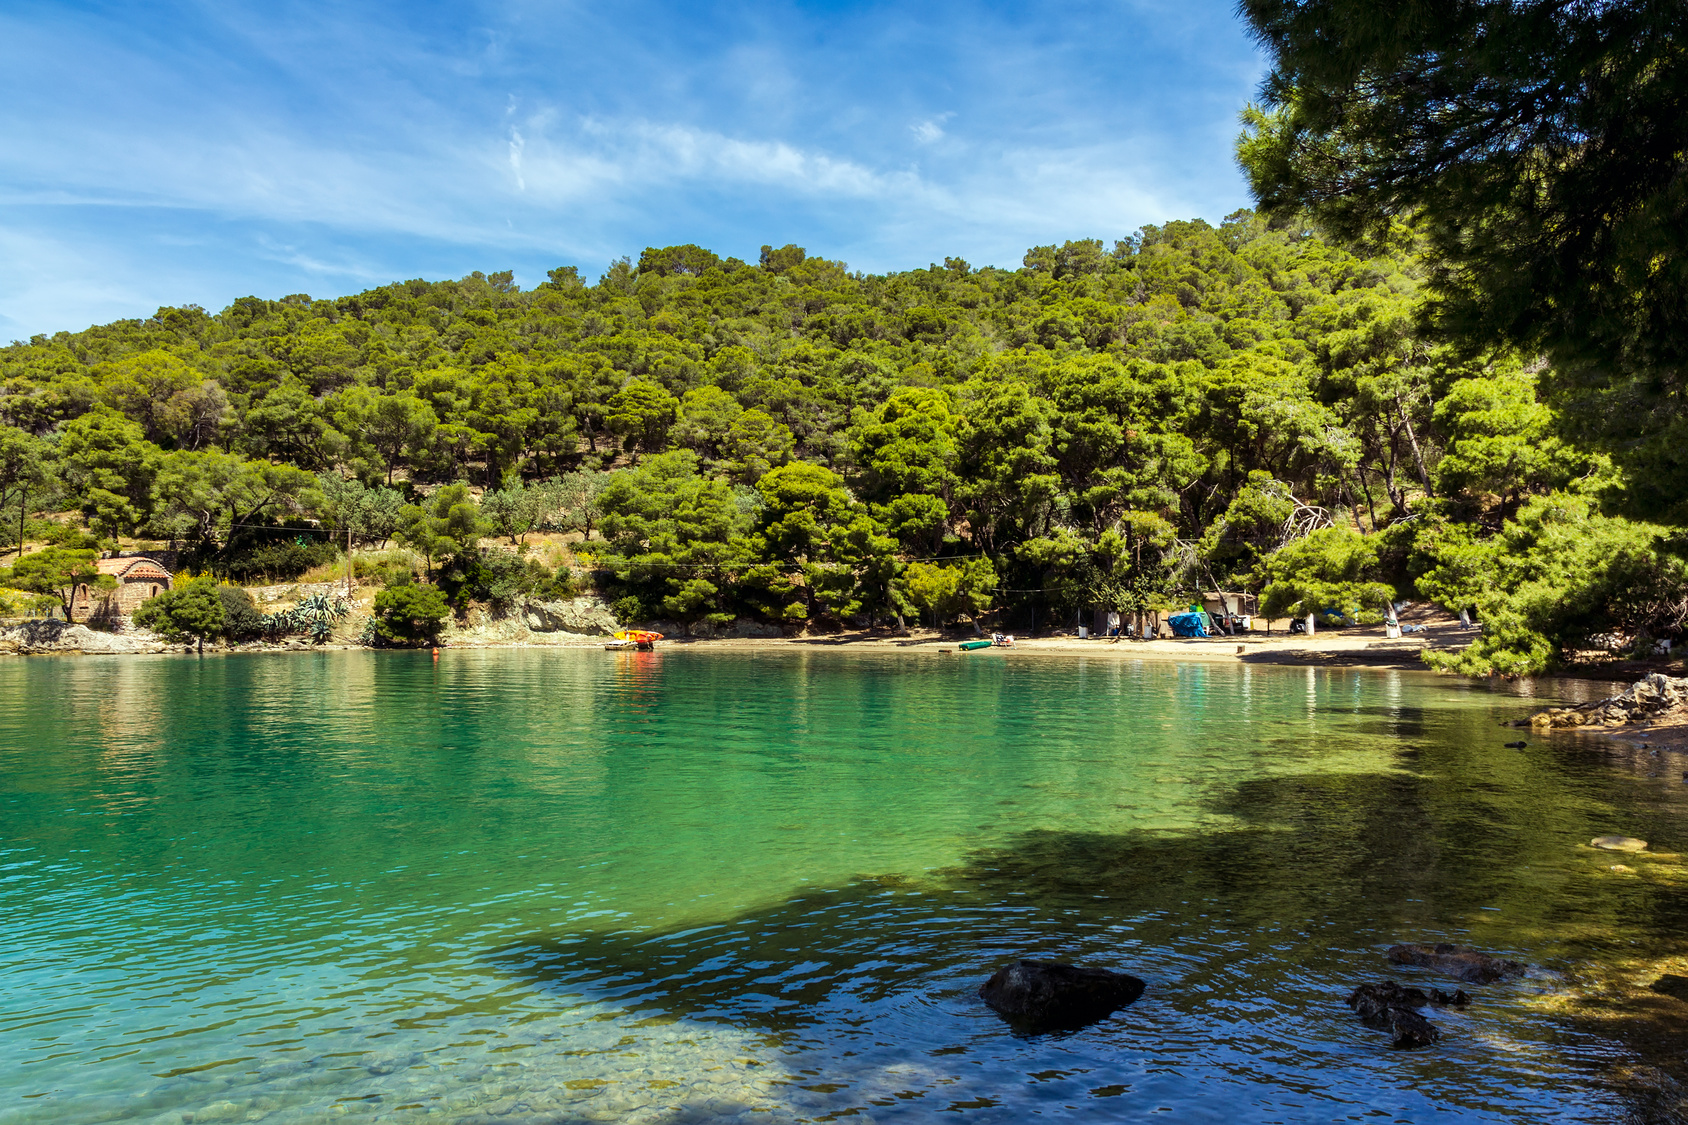 Port of Love in Poros, Greece